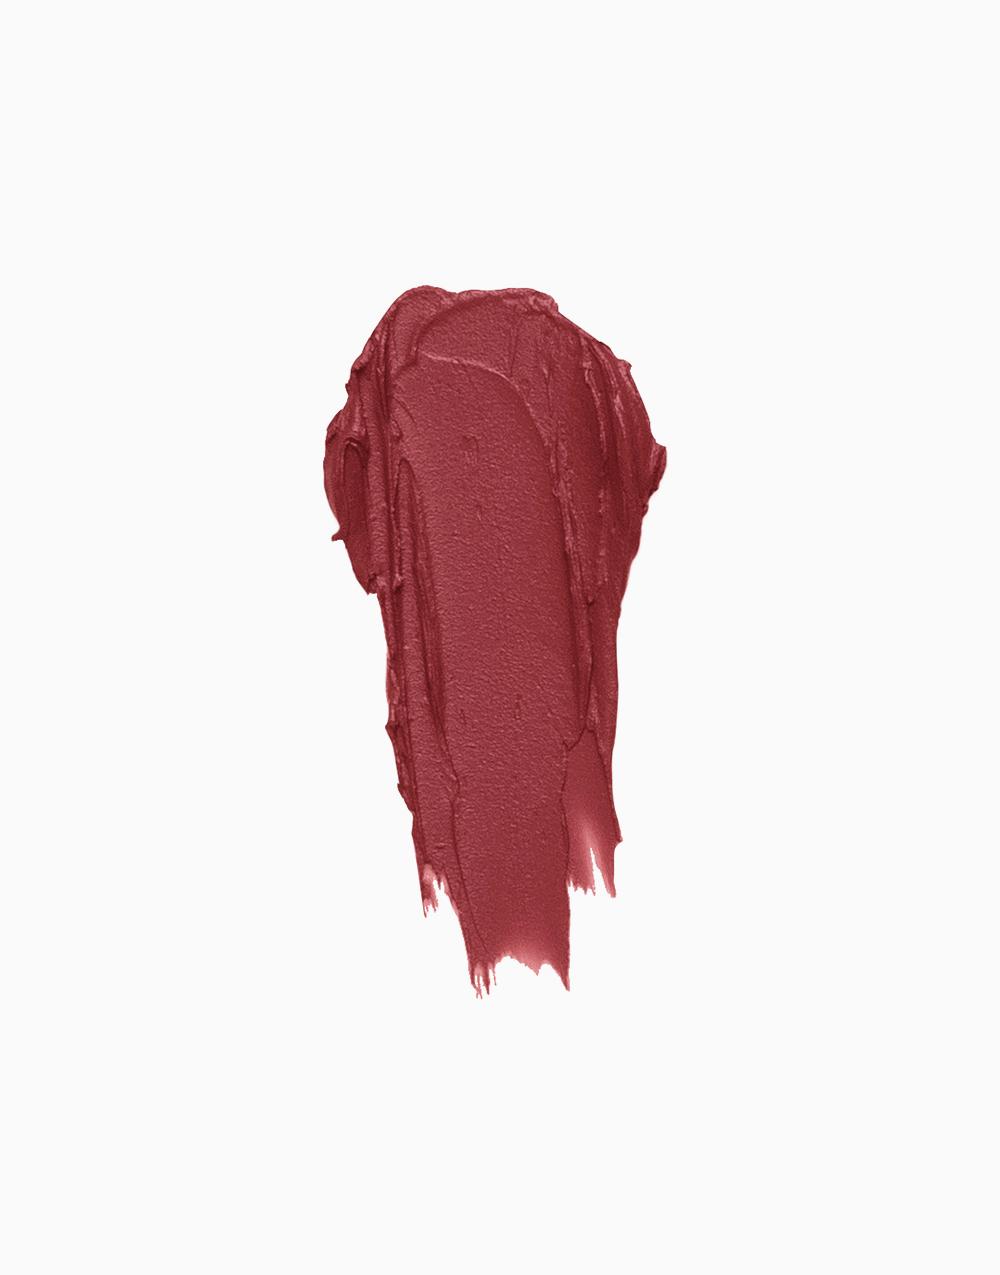 Sunnies Face Fluffmatte [Weightless Modern Matte Lipstick] Limited Edition Packaging (143) by Sunnies Face